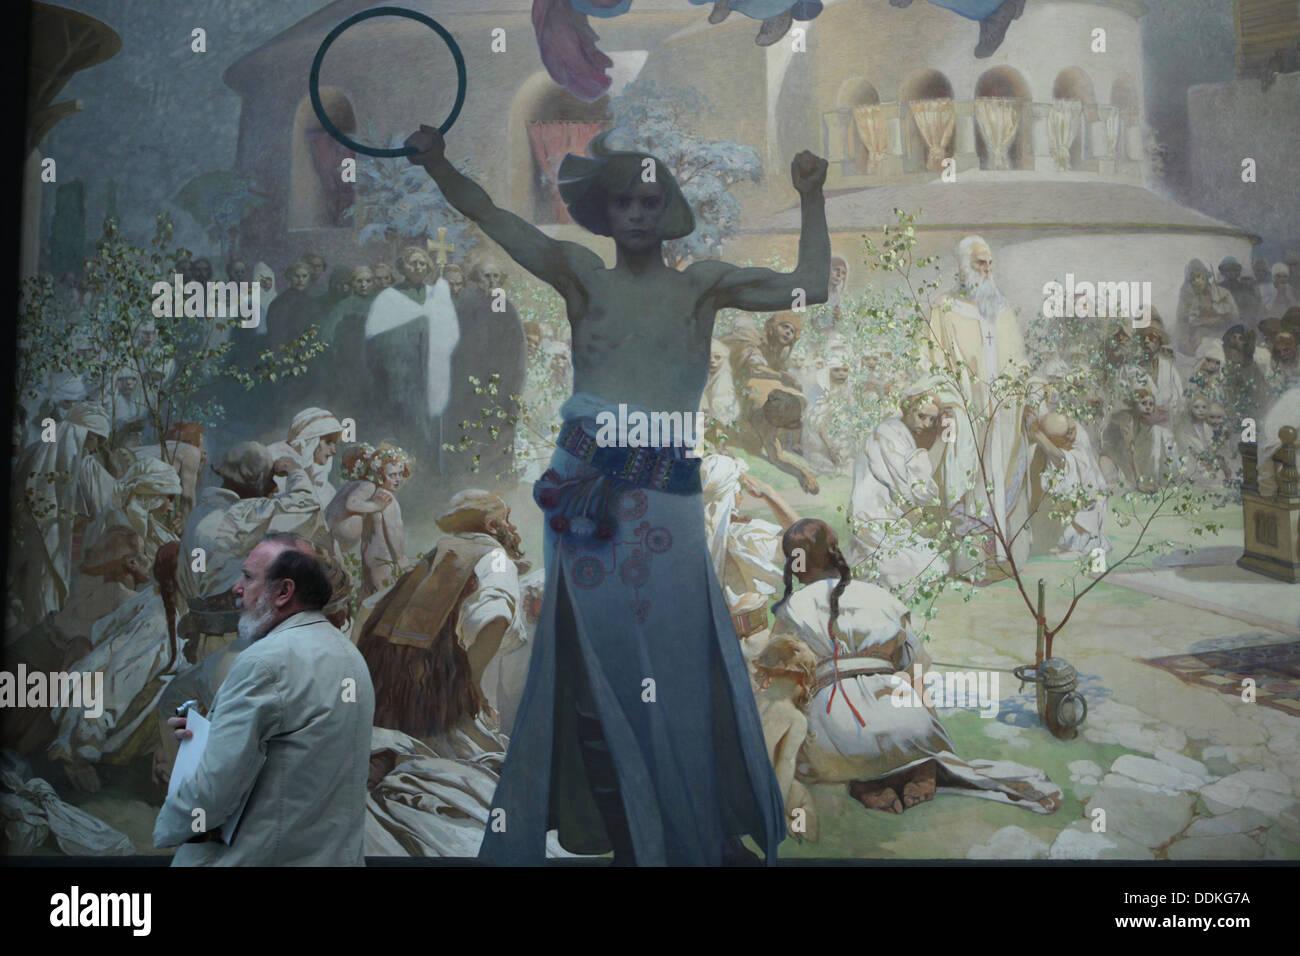 """Dipinto 'l'introduzione della liturgia slava nella Grande Moravia' dal ciclo """" slave """" epica dipinta da Alfons Mucha. Immagini Stock"""